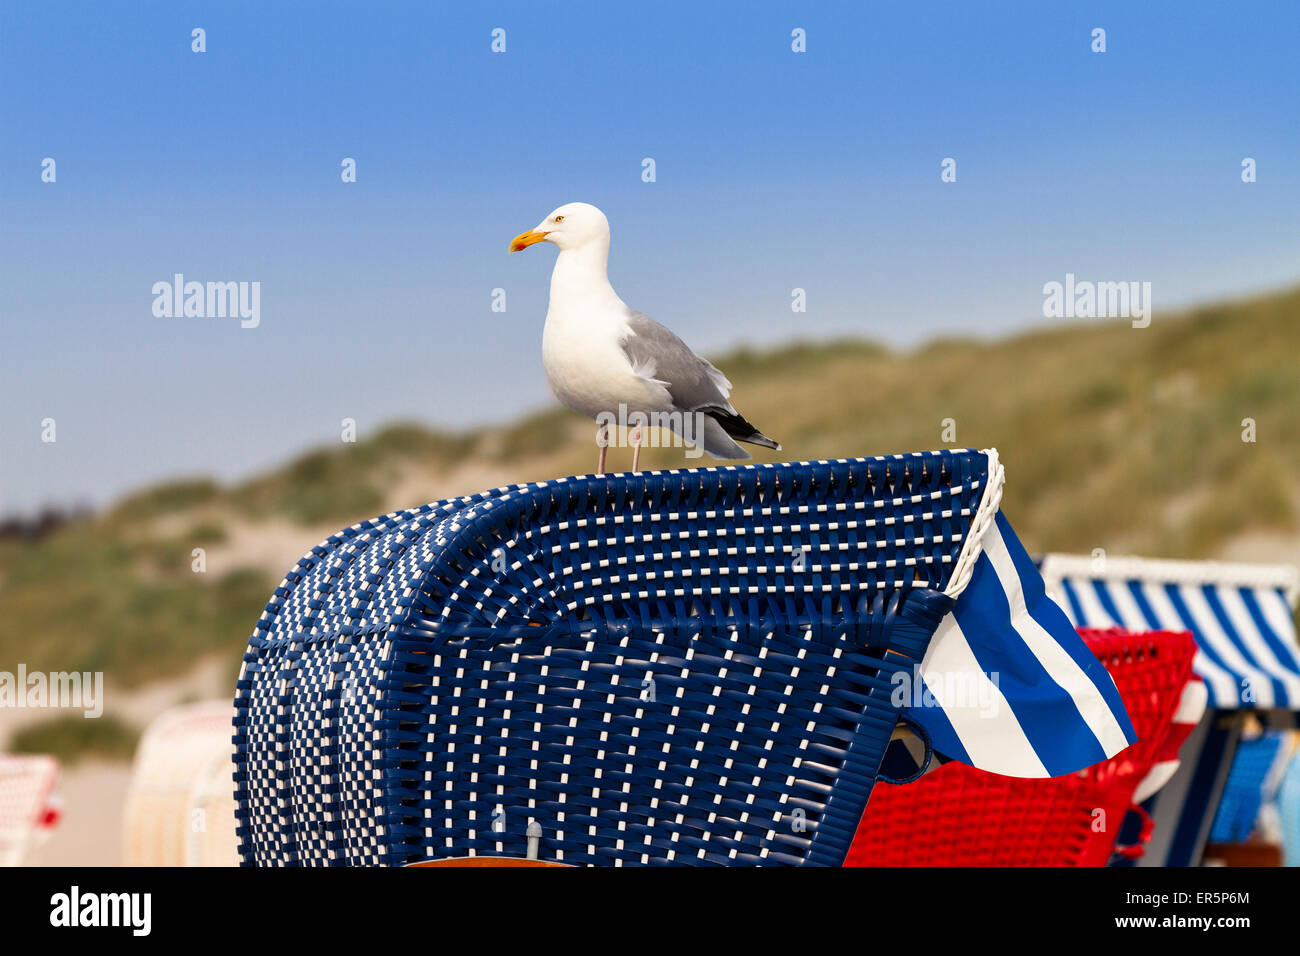 Herring Gull, Larus argentatus, North Sea, Germany, Europe Stock Photo